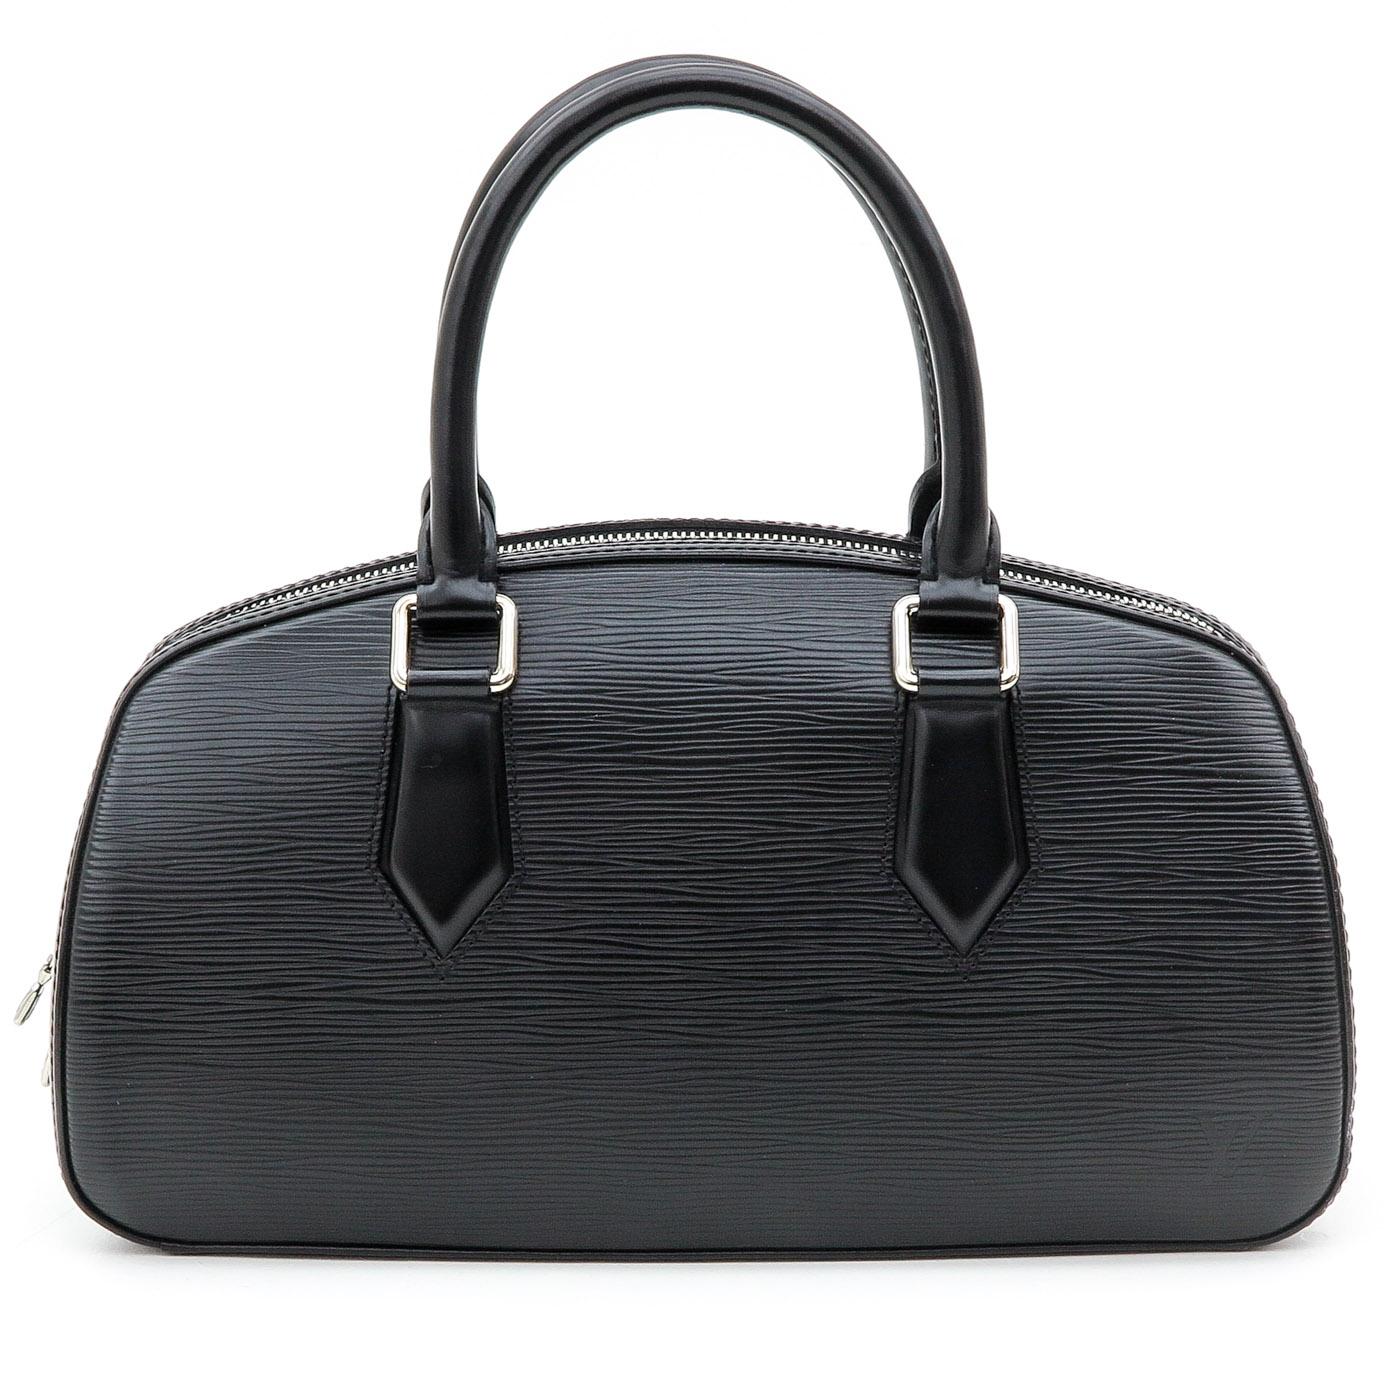 Lot 1266 - A Louis Vuitton Epi Leather Ladies Bag